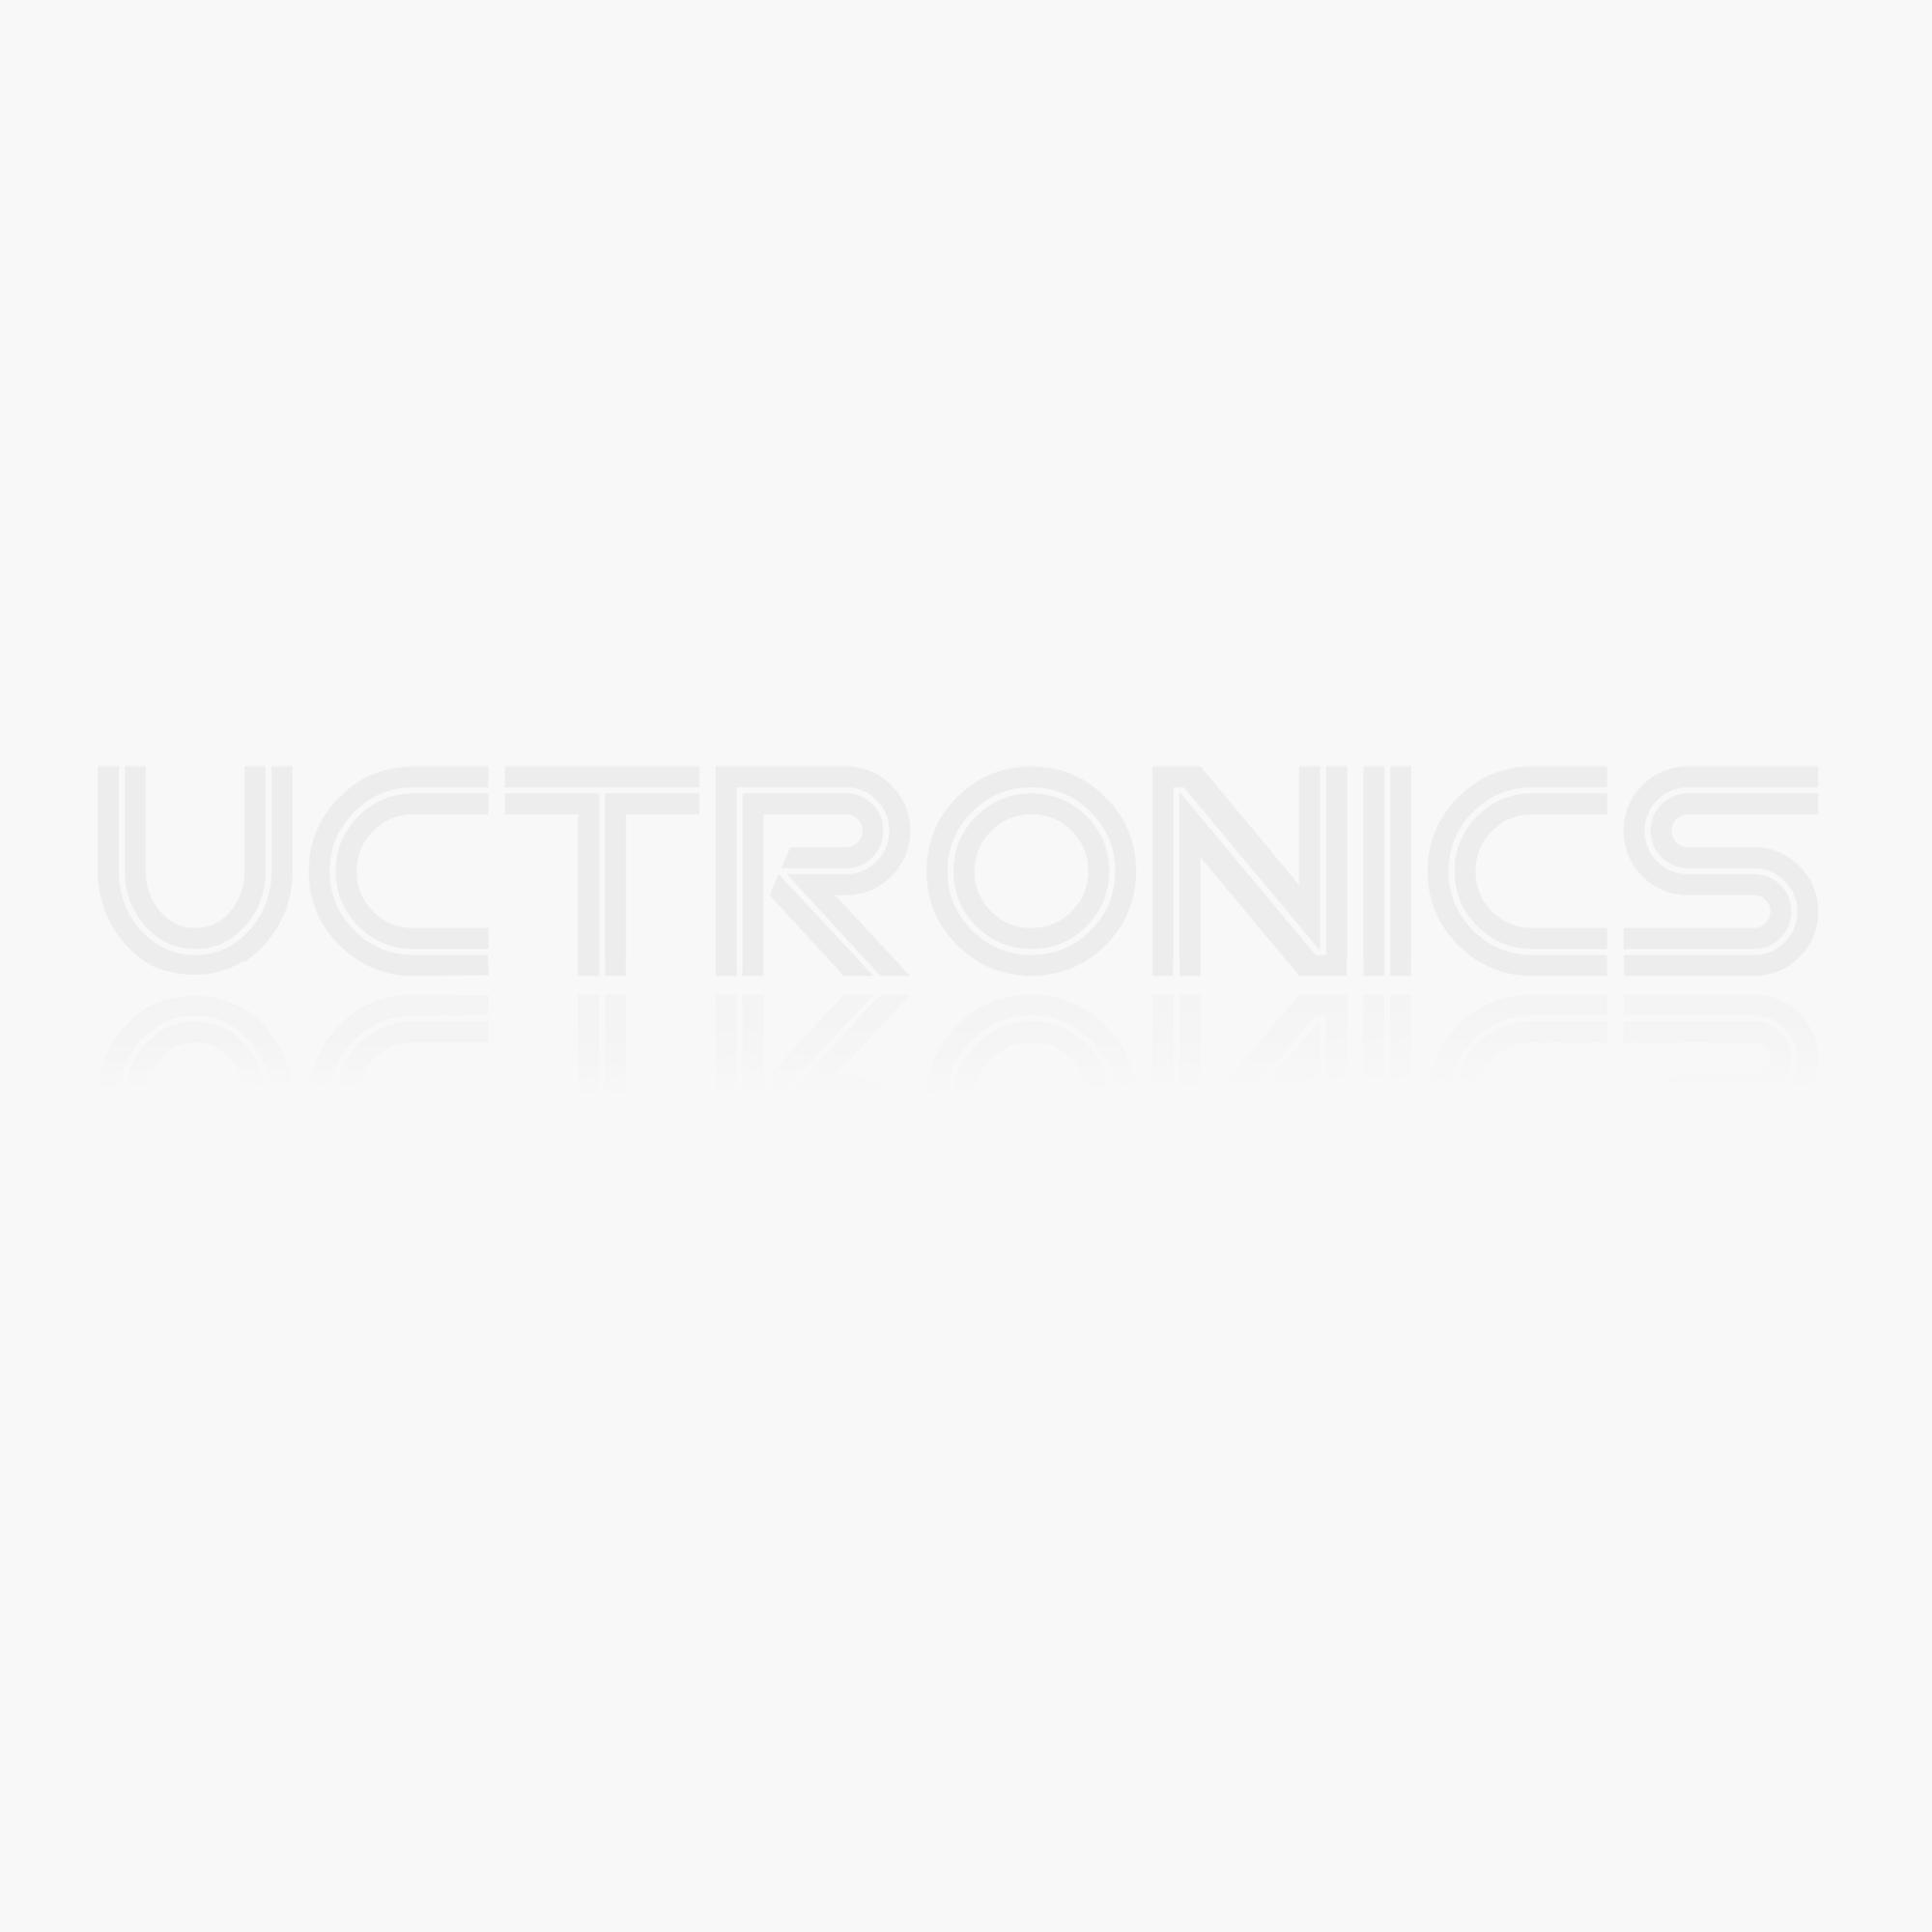 Arducam High Quality Camera for Jetson Nano